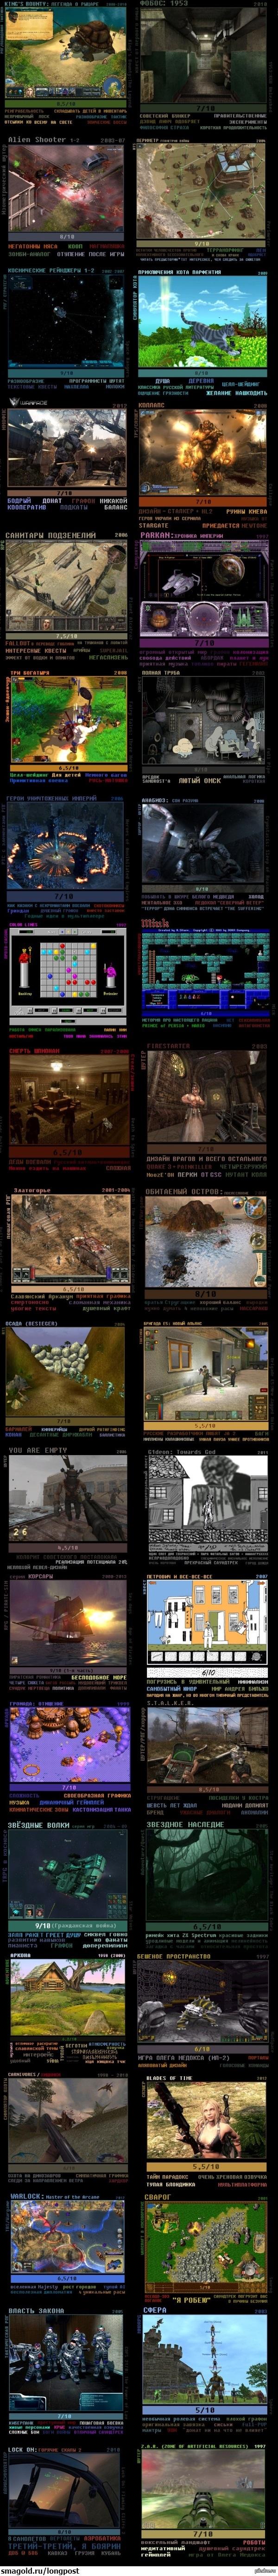 Список более-менее годных игр, разработанных православными игроделами. Часть 2. Вторая и последняя часть.